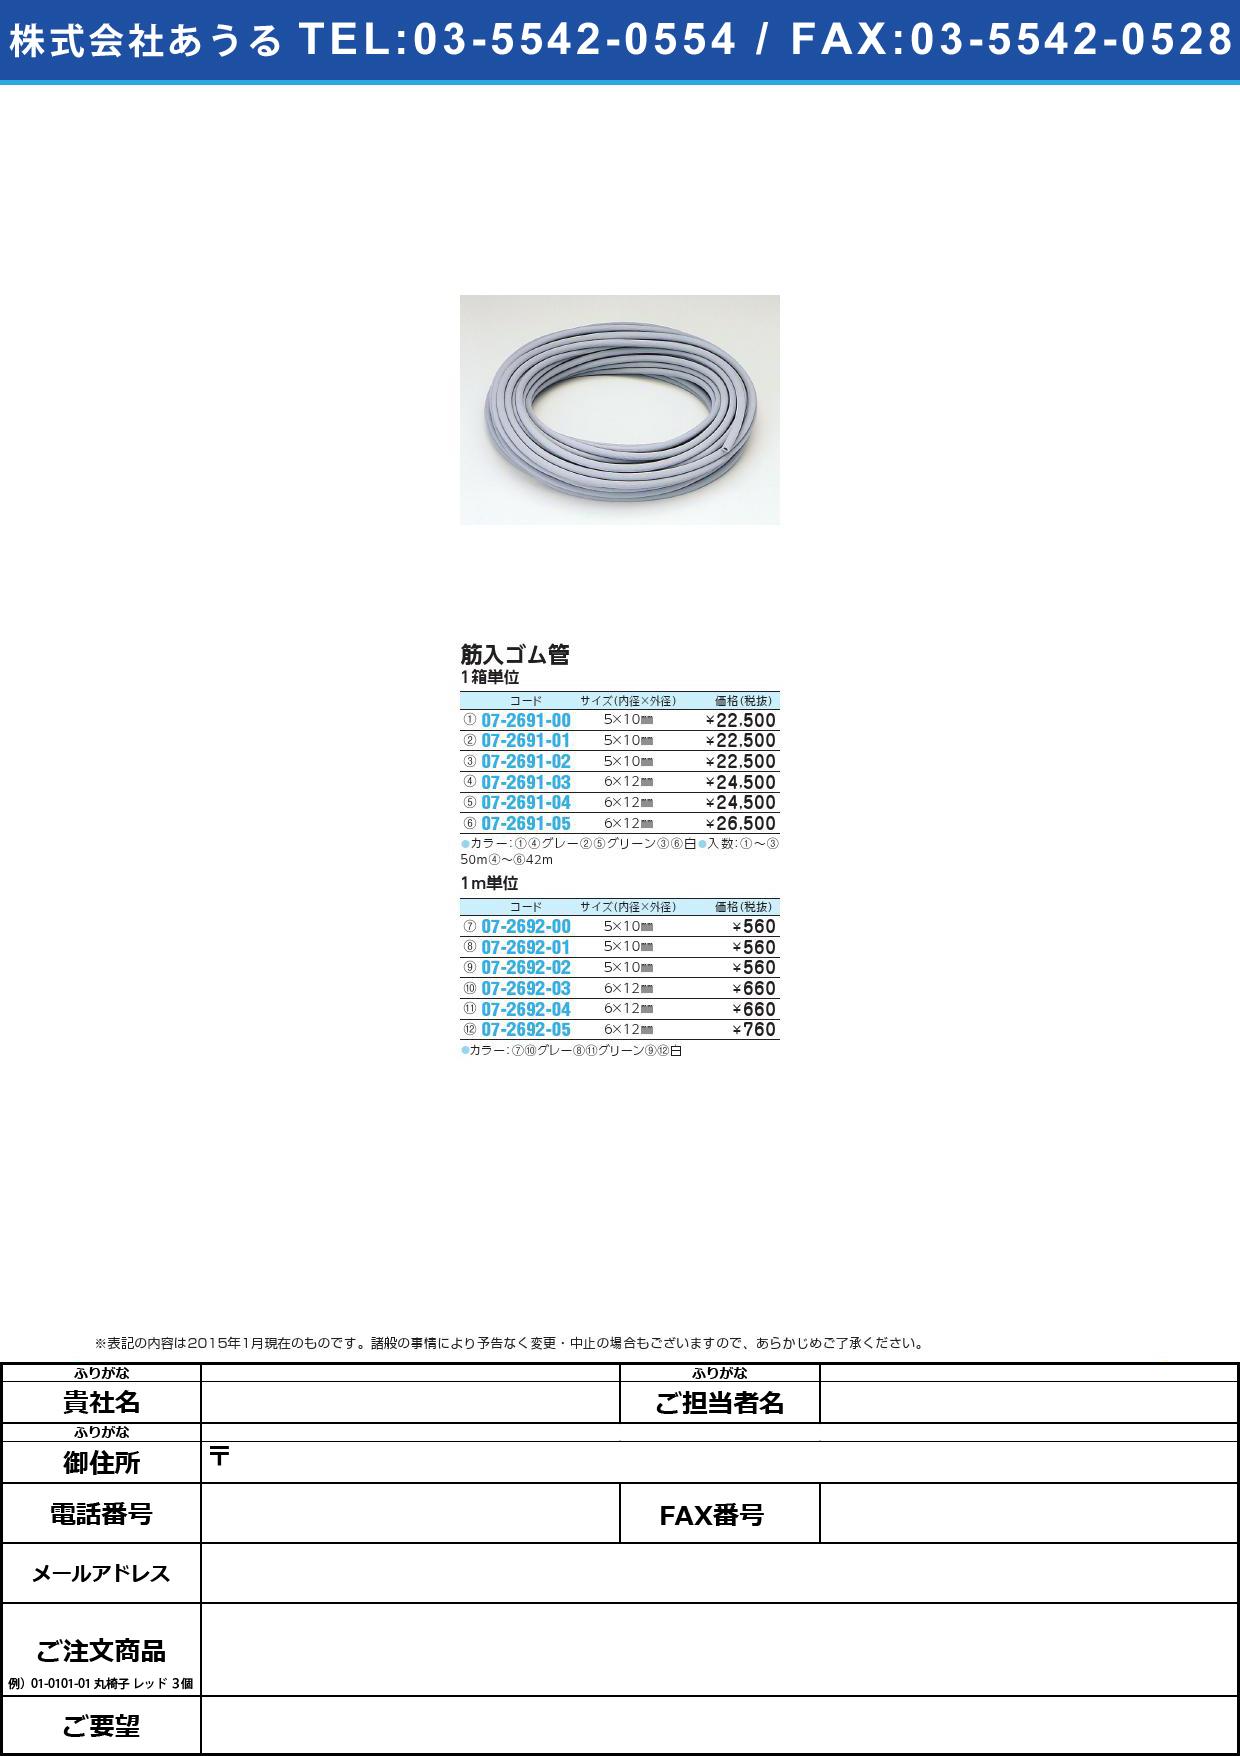 筋入ゴム管(白)バラ ズジイリゴムカン(シロ)バラ 5X10MM【1m単位】(07-2692-02)